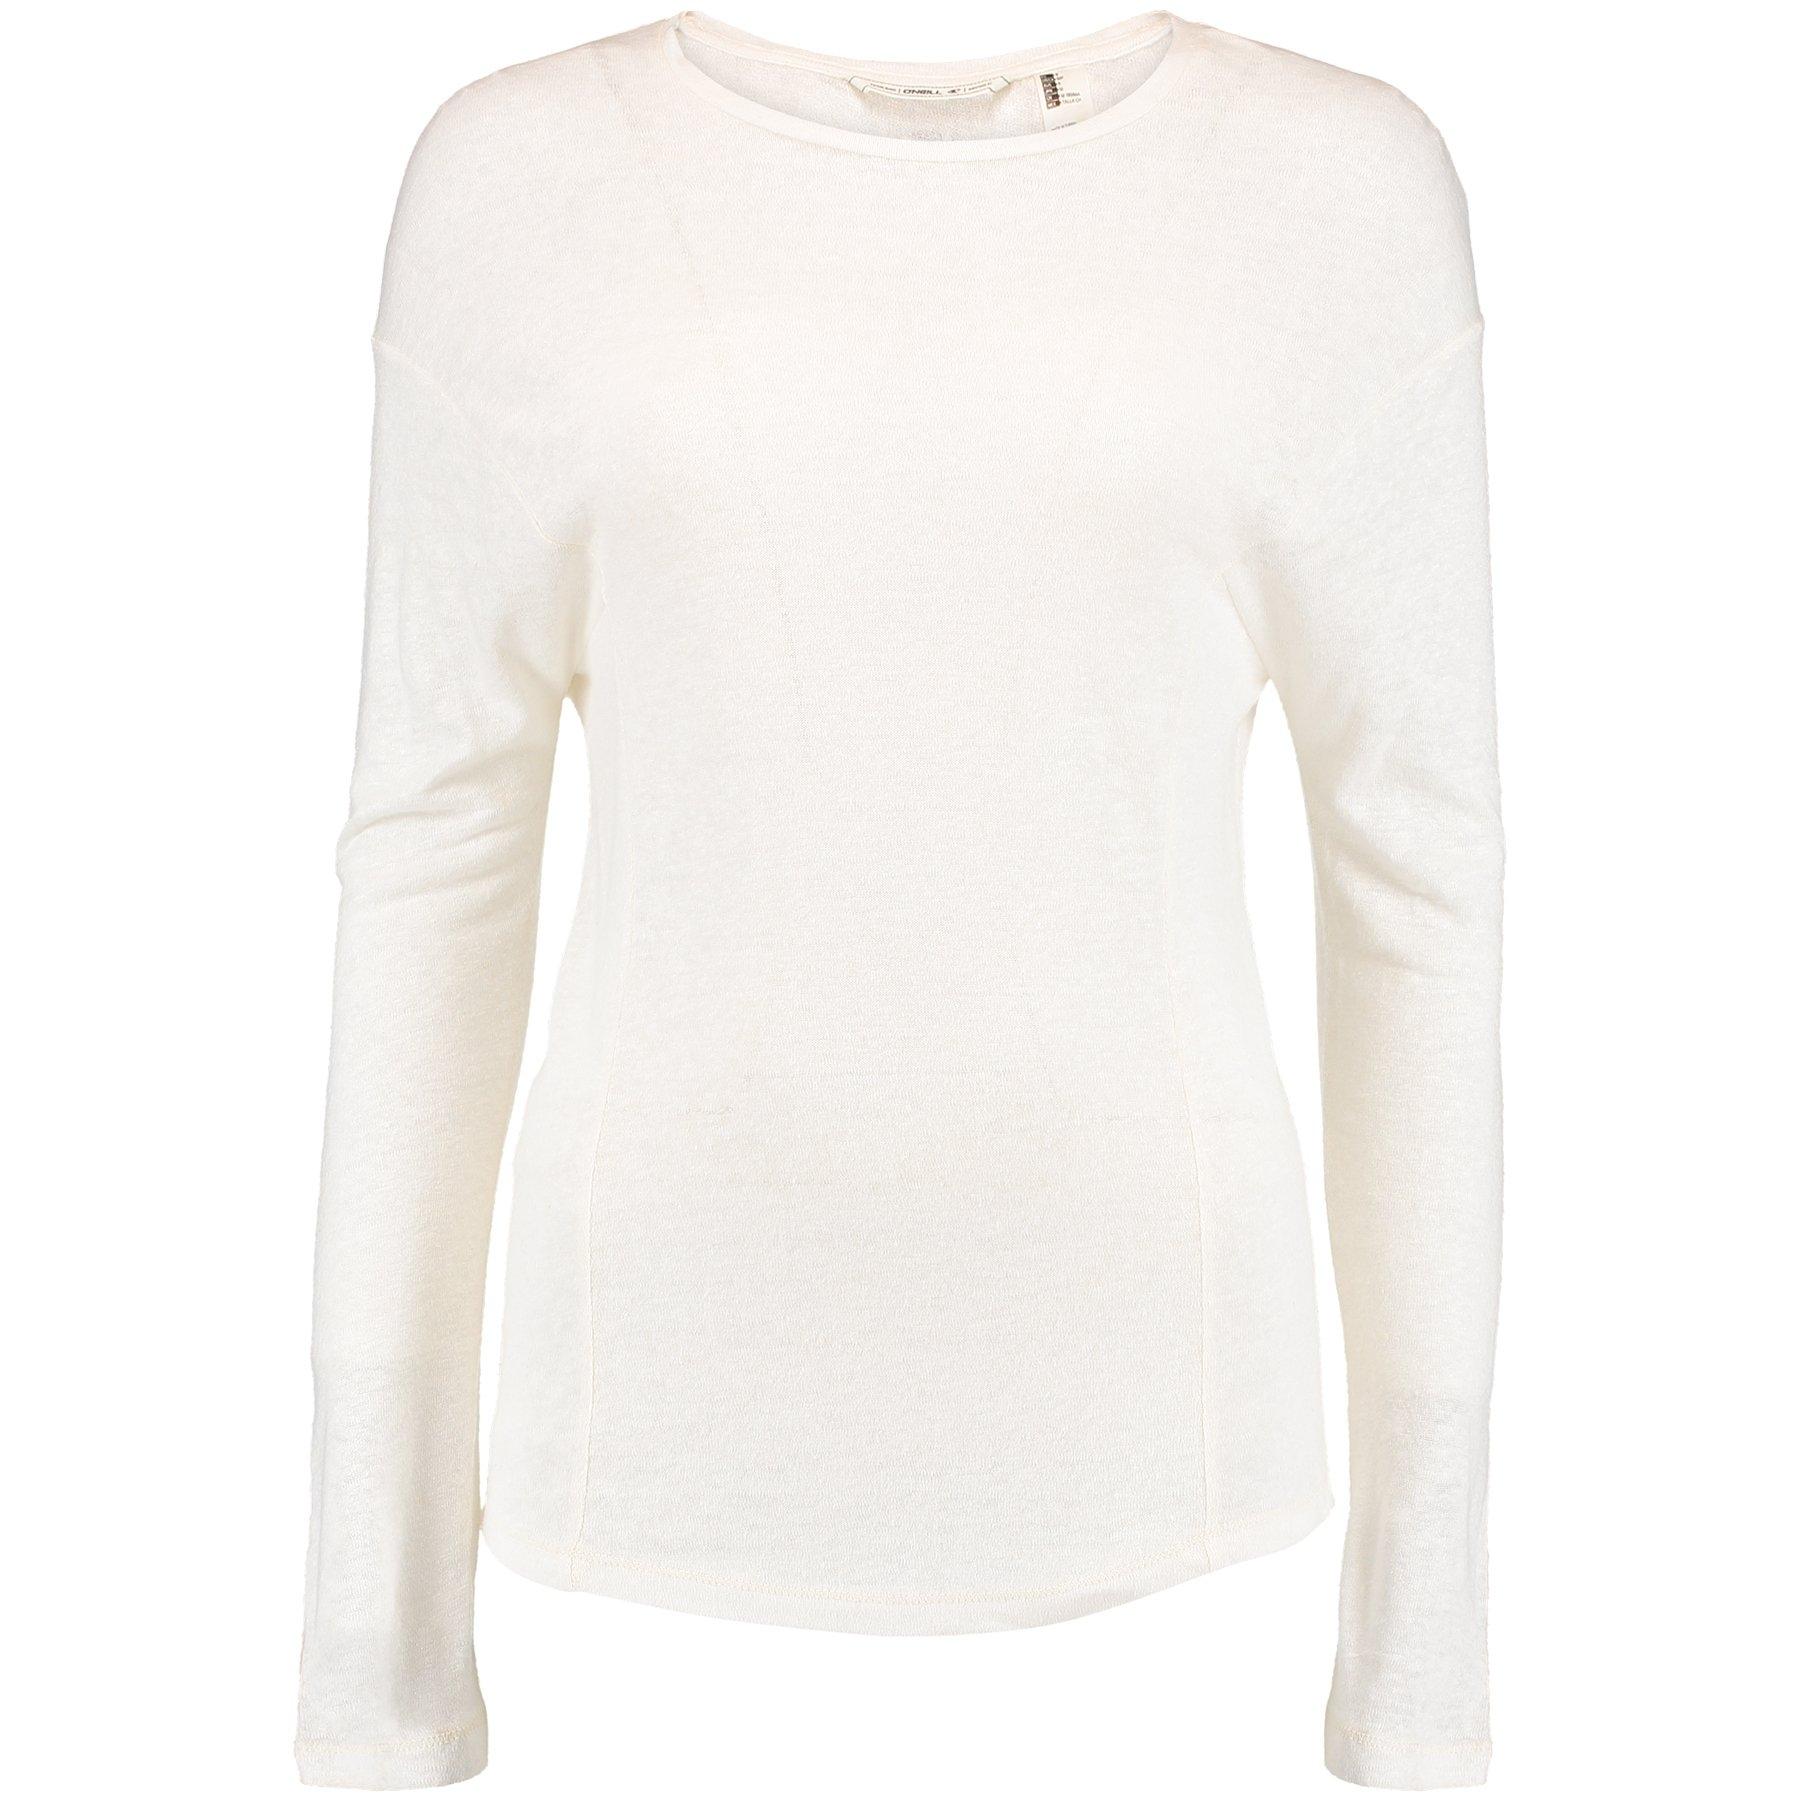 O'neill T-Shirt longsleeve »Linen scooped hem« - gratis ruilen op otto.nl